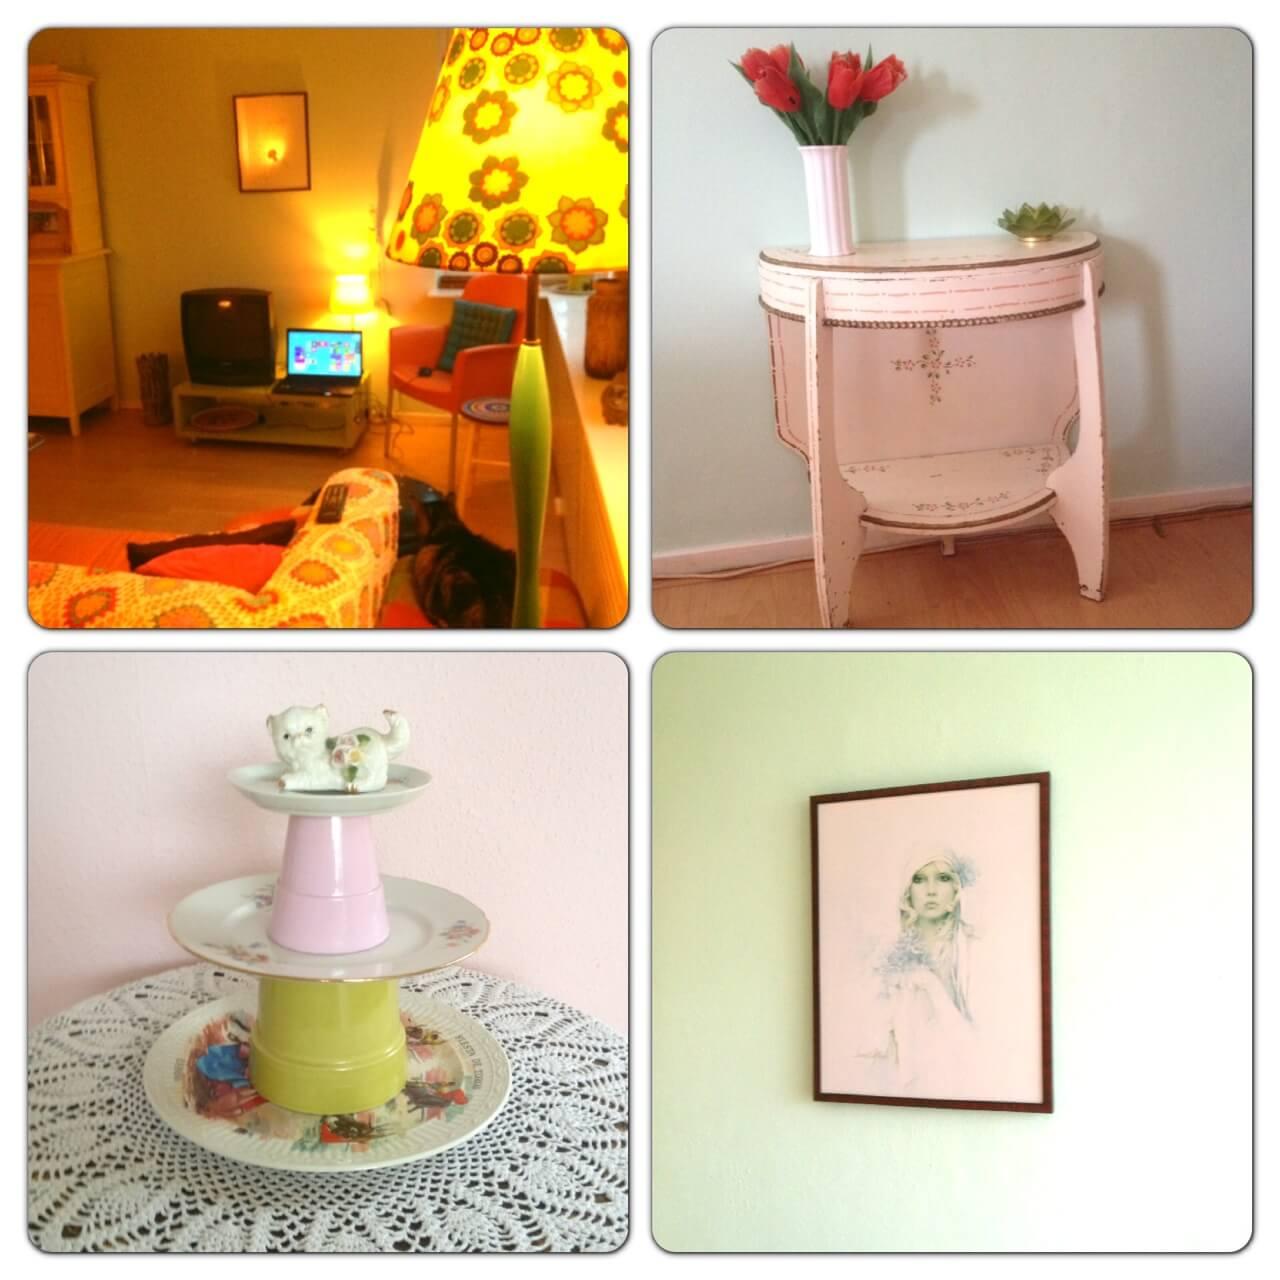 My budget home editie 6 mijn eigen huis the devil wears wibra - Huis van de wereld etagere ...